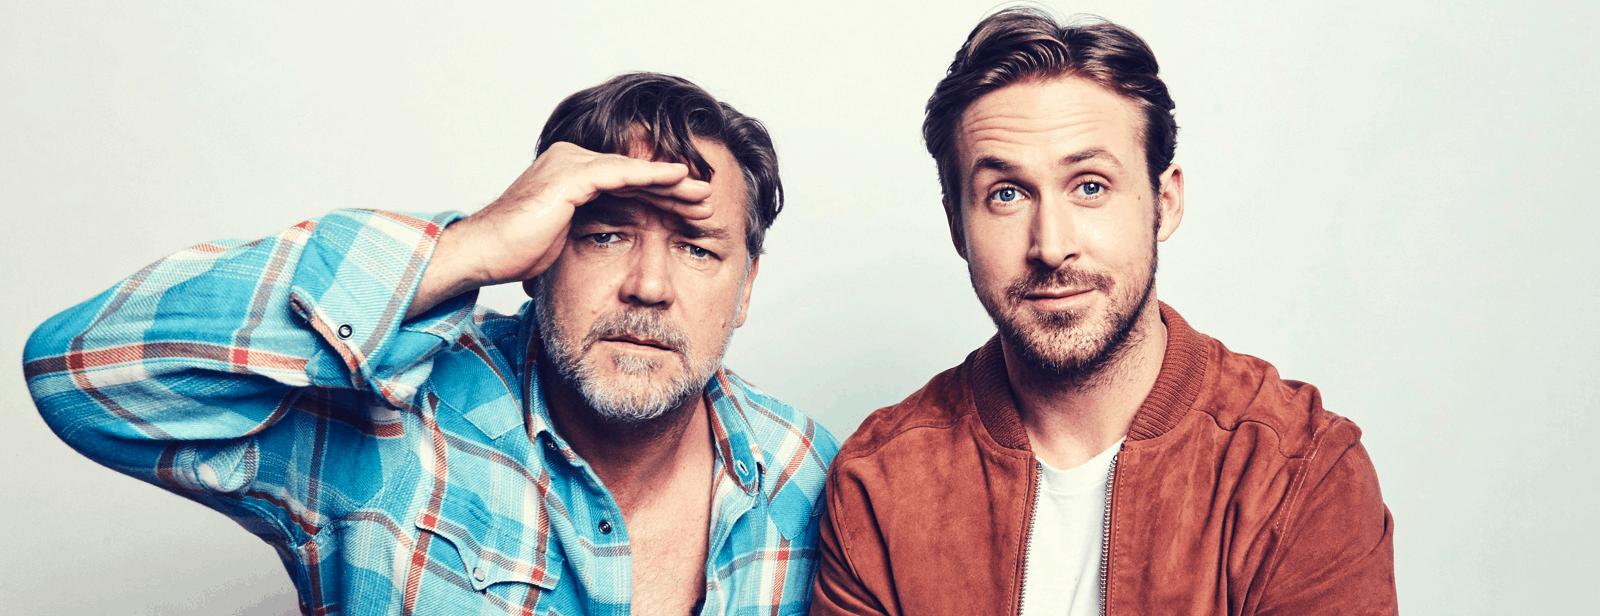 Ryan-Gosling-Koury-Angelo-Photoshoot-2016-01